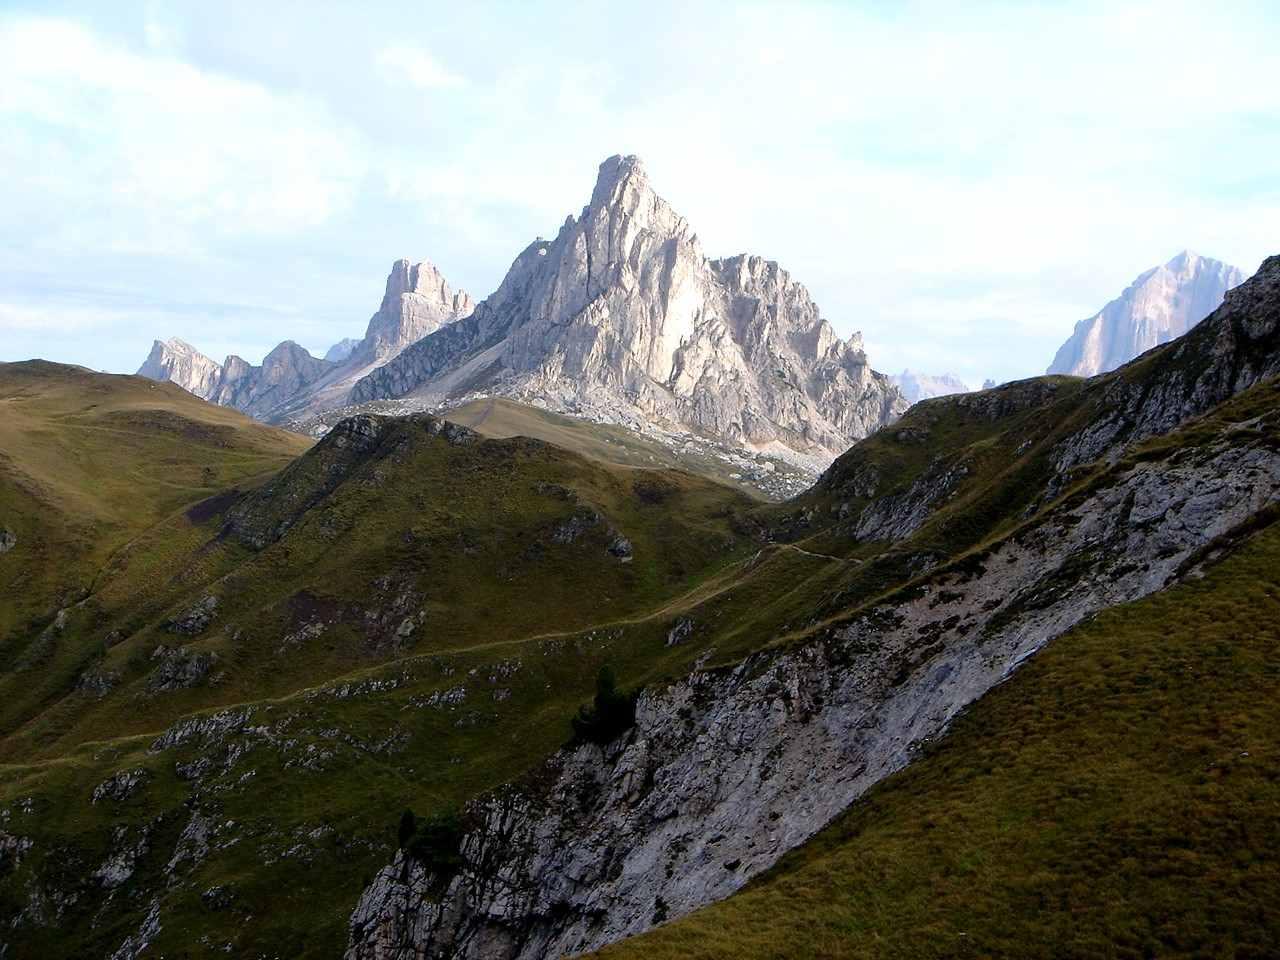 Foto: Manfred Karl / Wander Tour / Monte Cernera (2664m) / Herrlicher Blick auf Croda Negra, Averau, Gusela und Tofana. / 05.05.2007 19:19:21